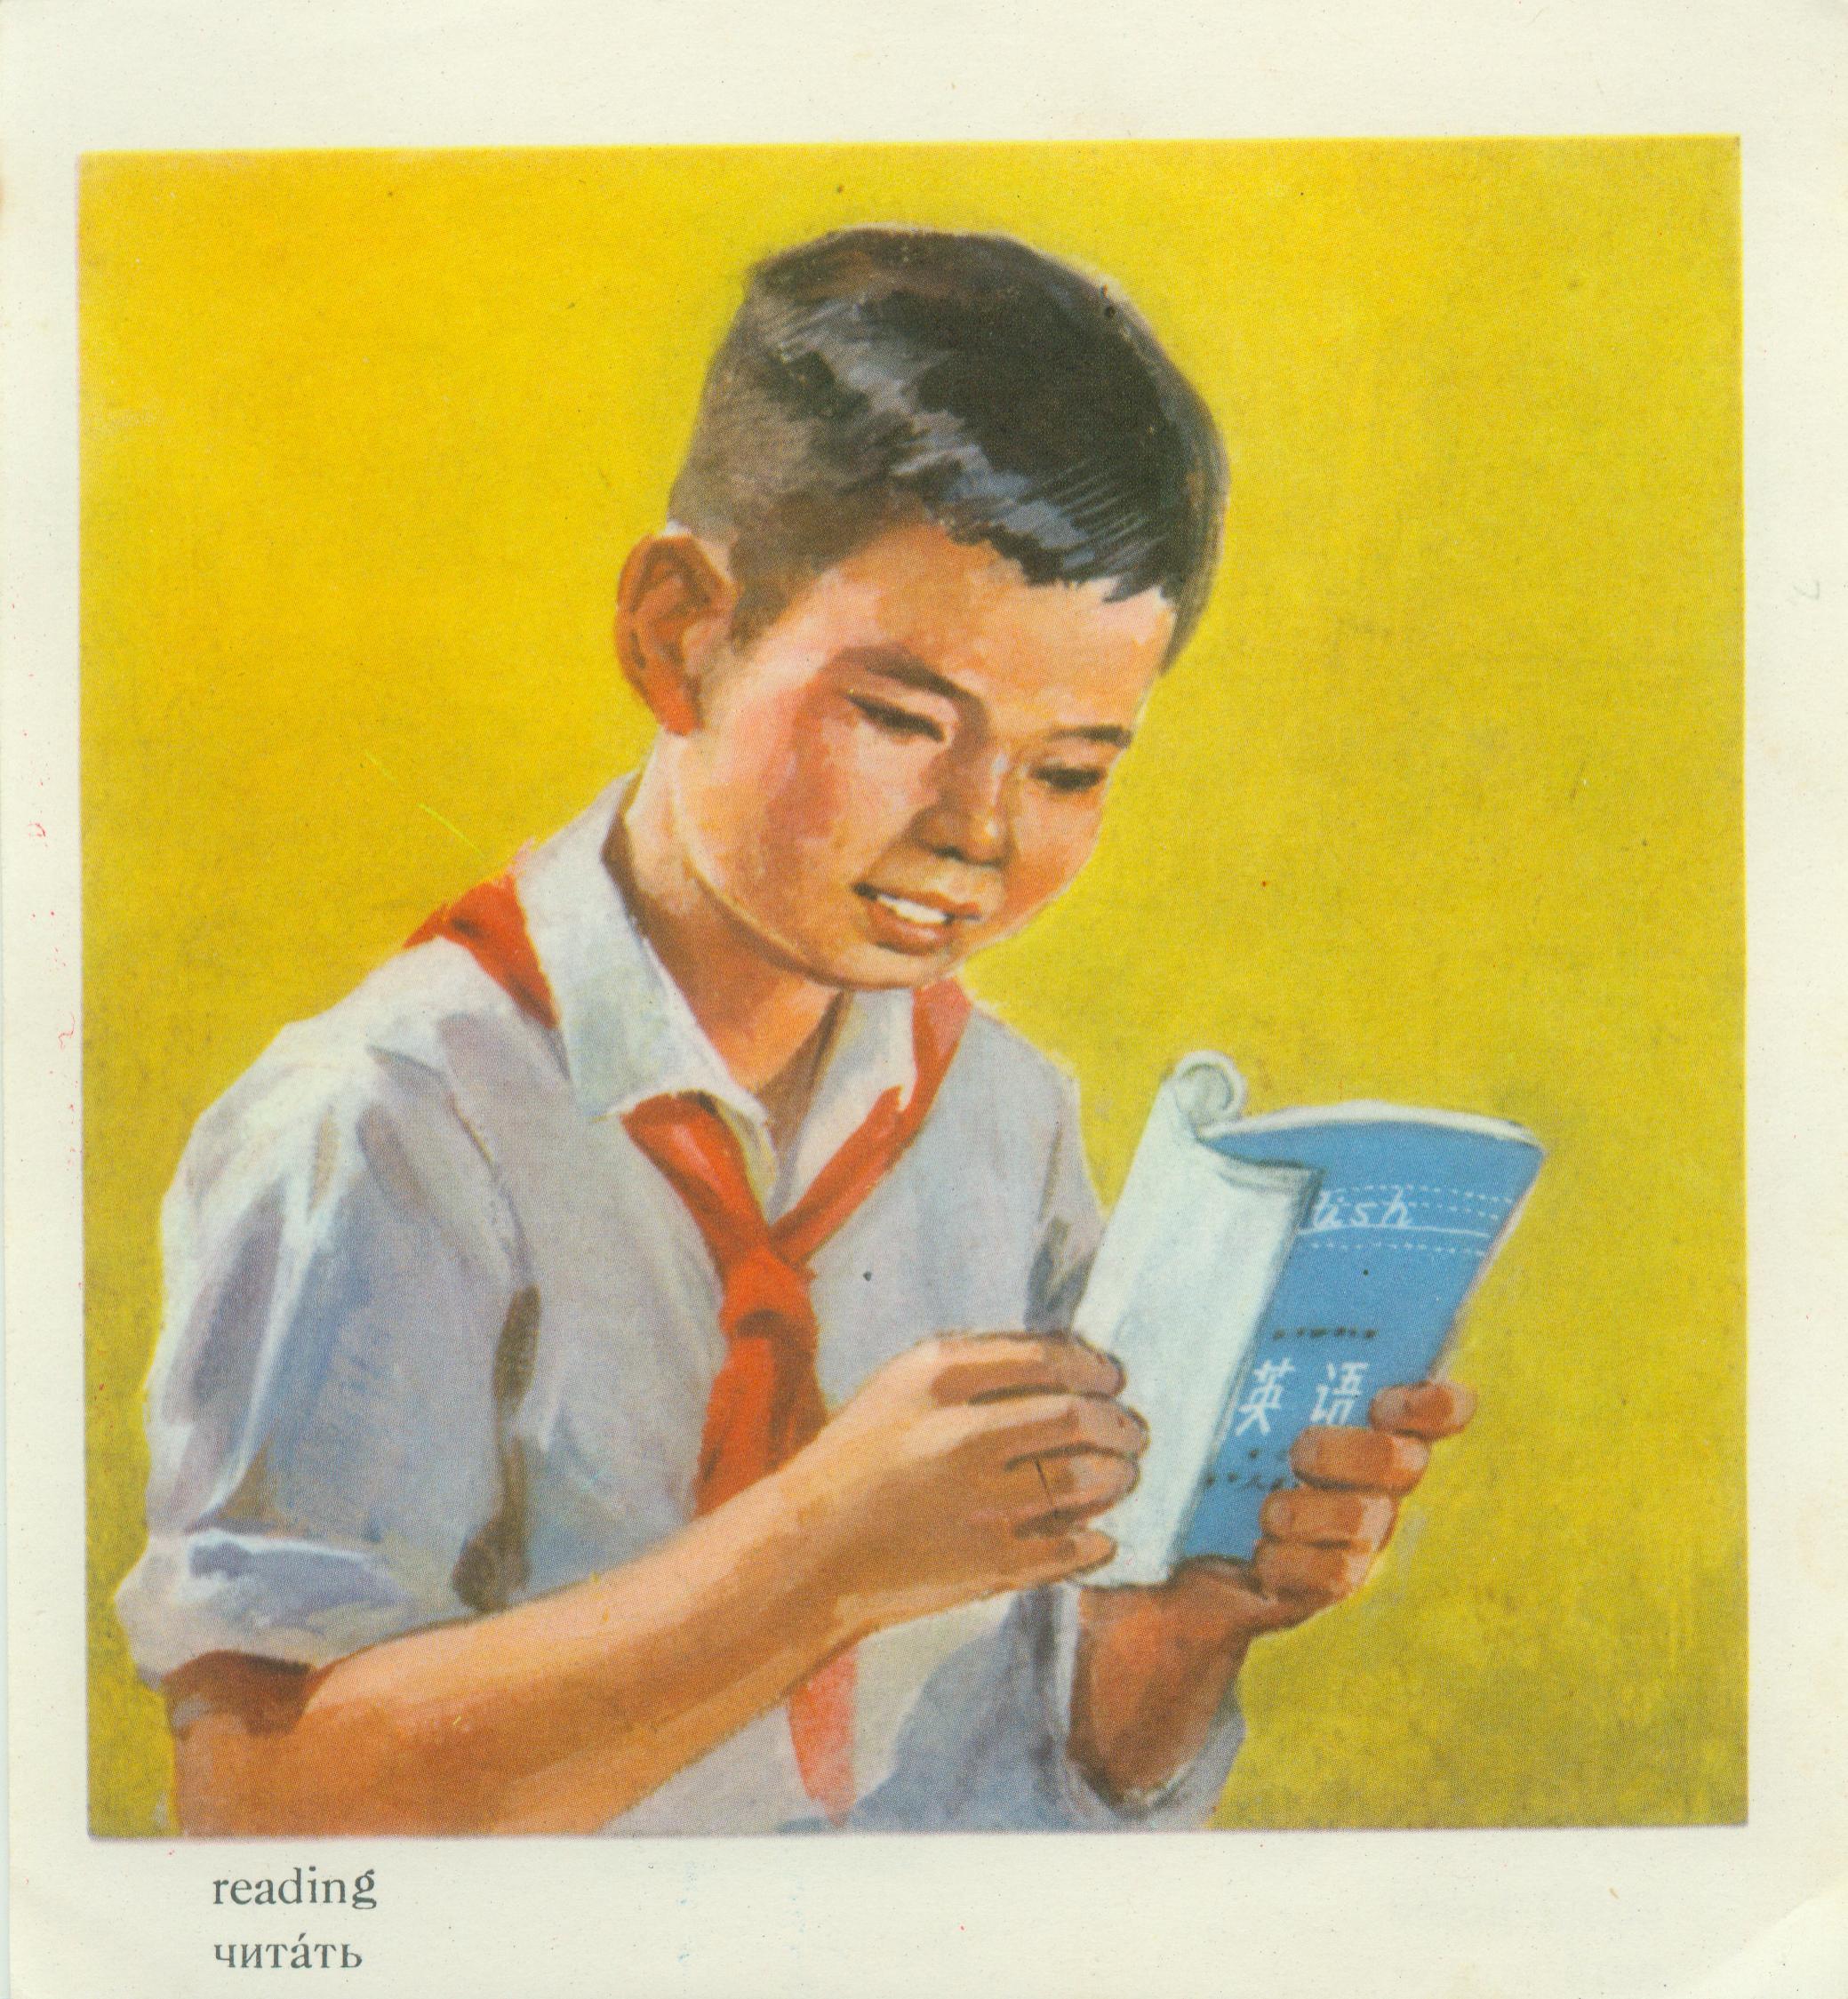 五十年代小学英语学习卡片(下)